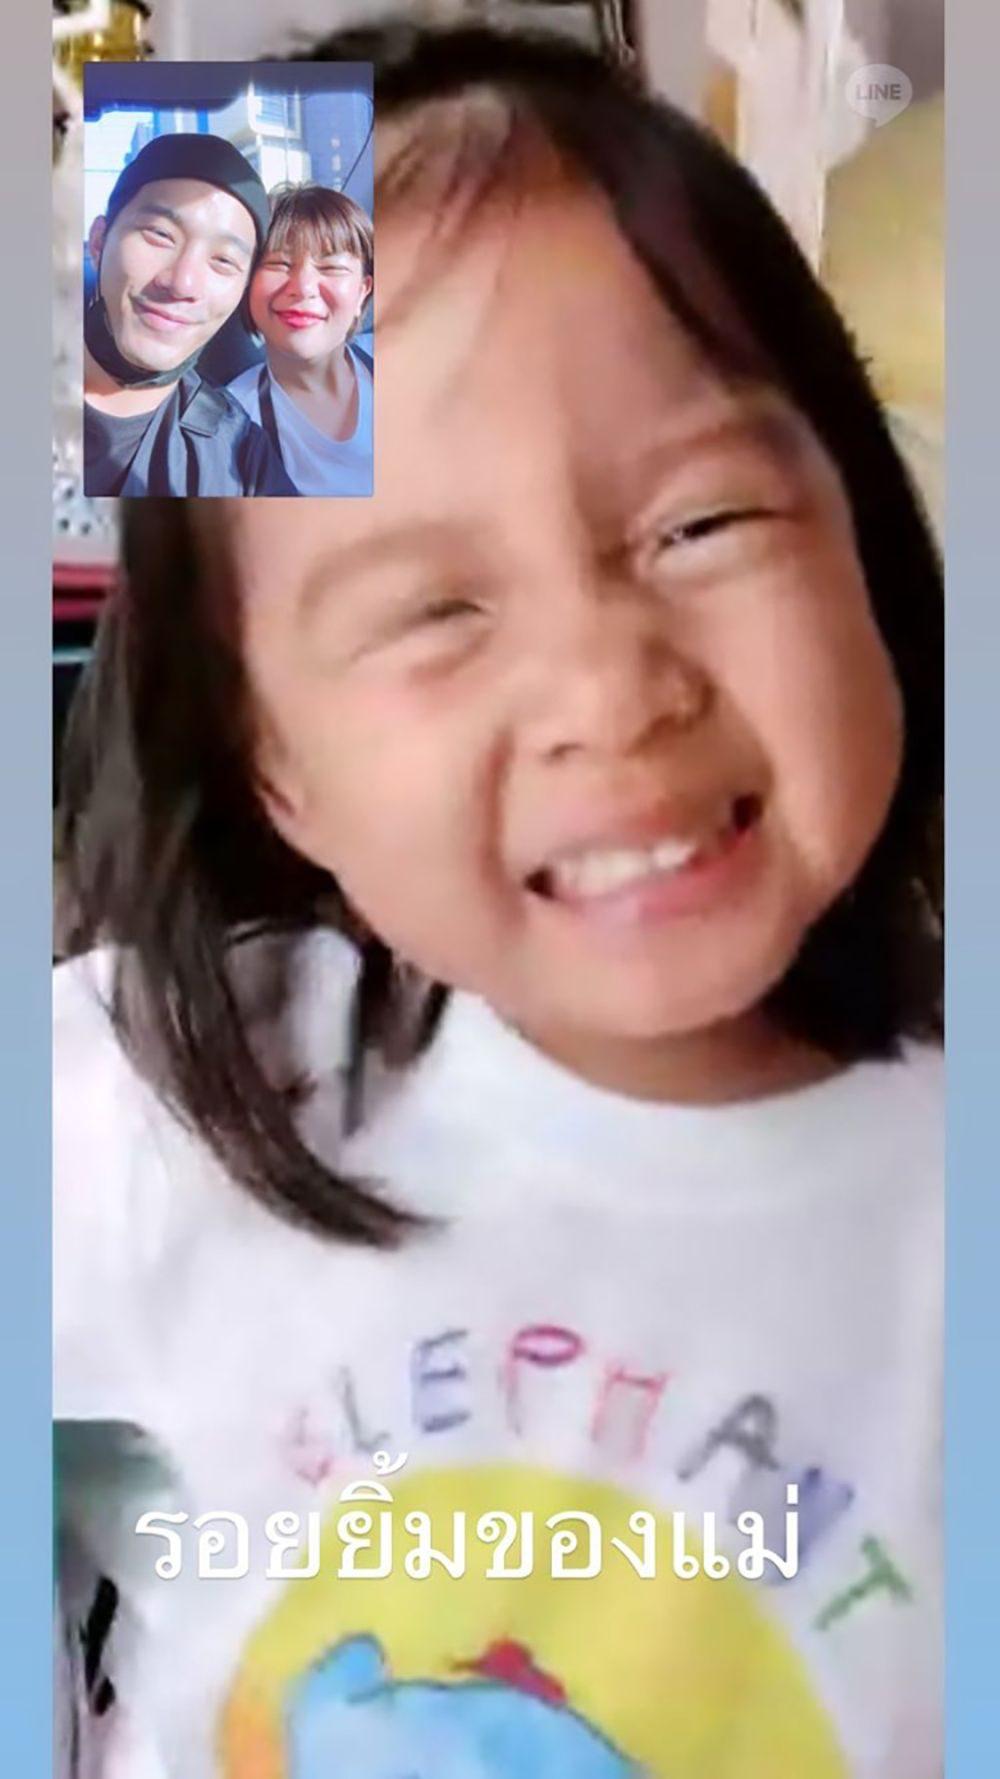 วิดีโอคอลคุยกับลูกสาว